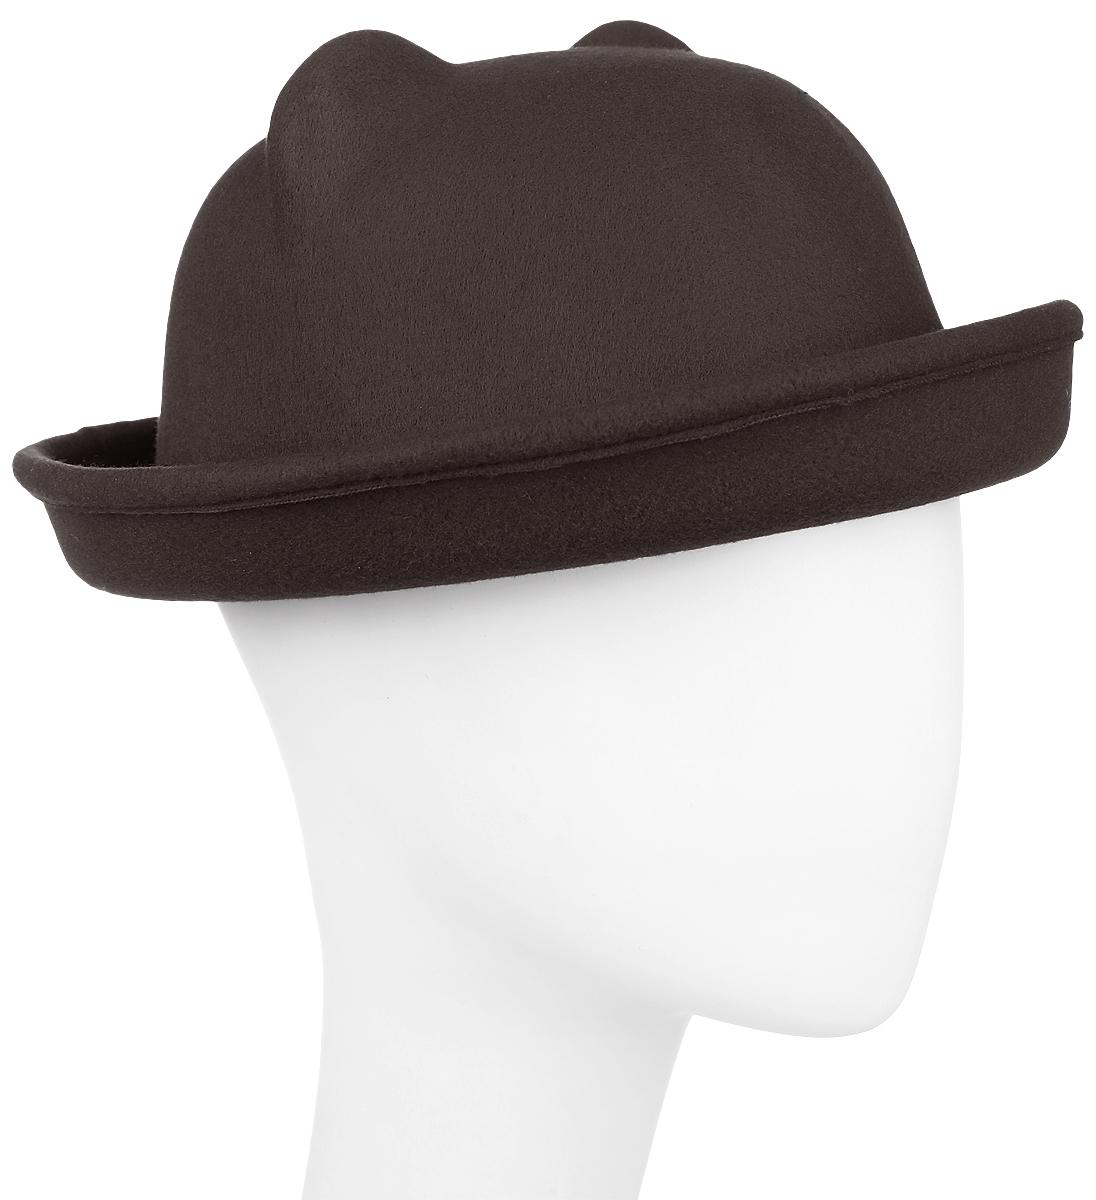 ШляпаKW081-000266Шляпа женская Kawaii Factory оформлена двумя ушками на макушке, имитирующими кошачьи. Шляпа имеет большой процент содержания шерсти. Добавление в состав полиэстера снижает риск деформации изделия. Шляпа имеет небольшие загнутые кверху поля. Уважаемые клиенты! Размер, доступный для заказа, является обхватом головы.